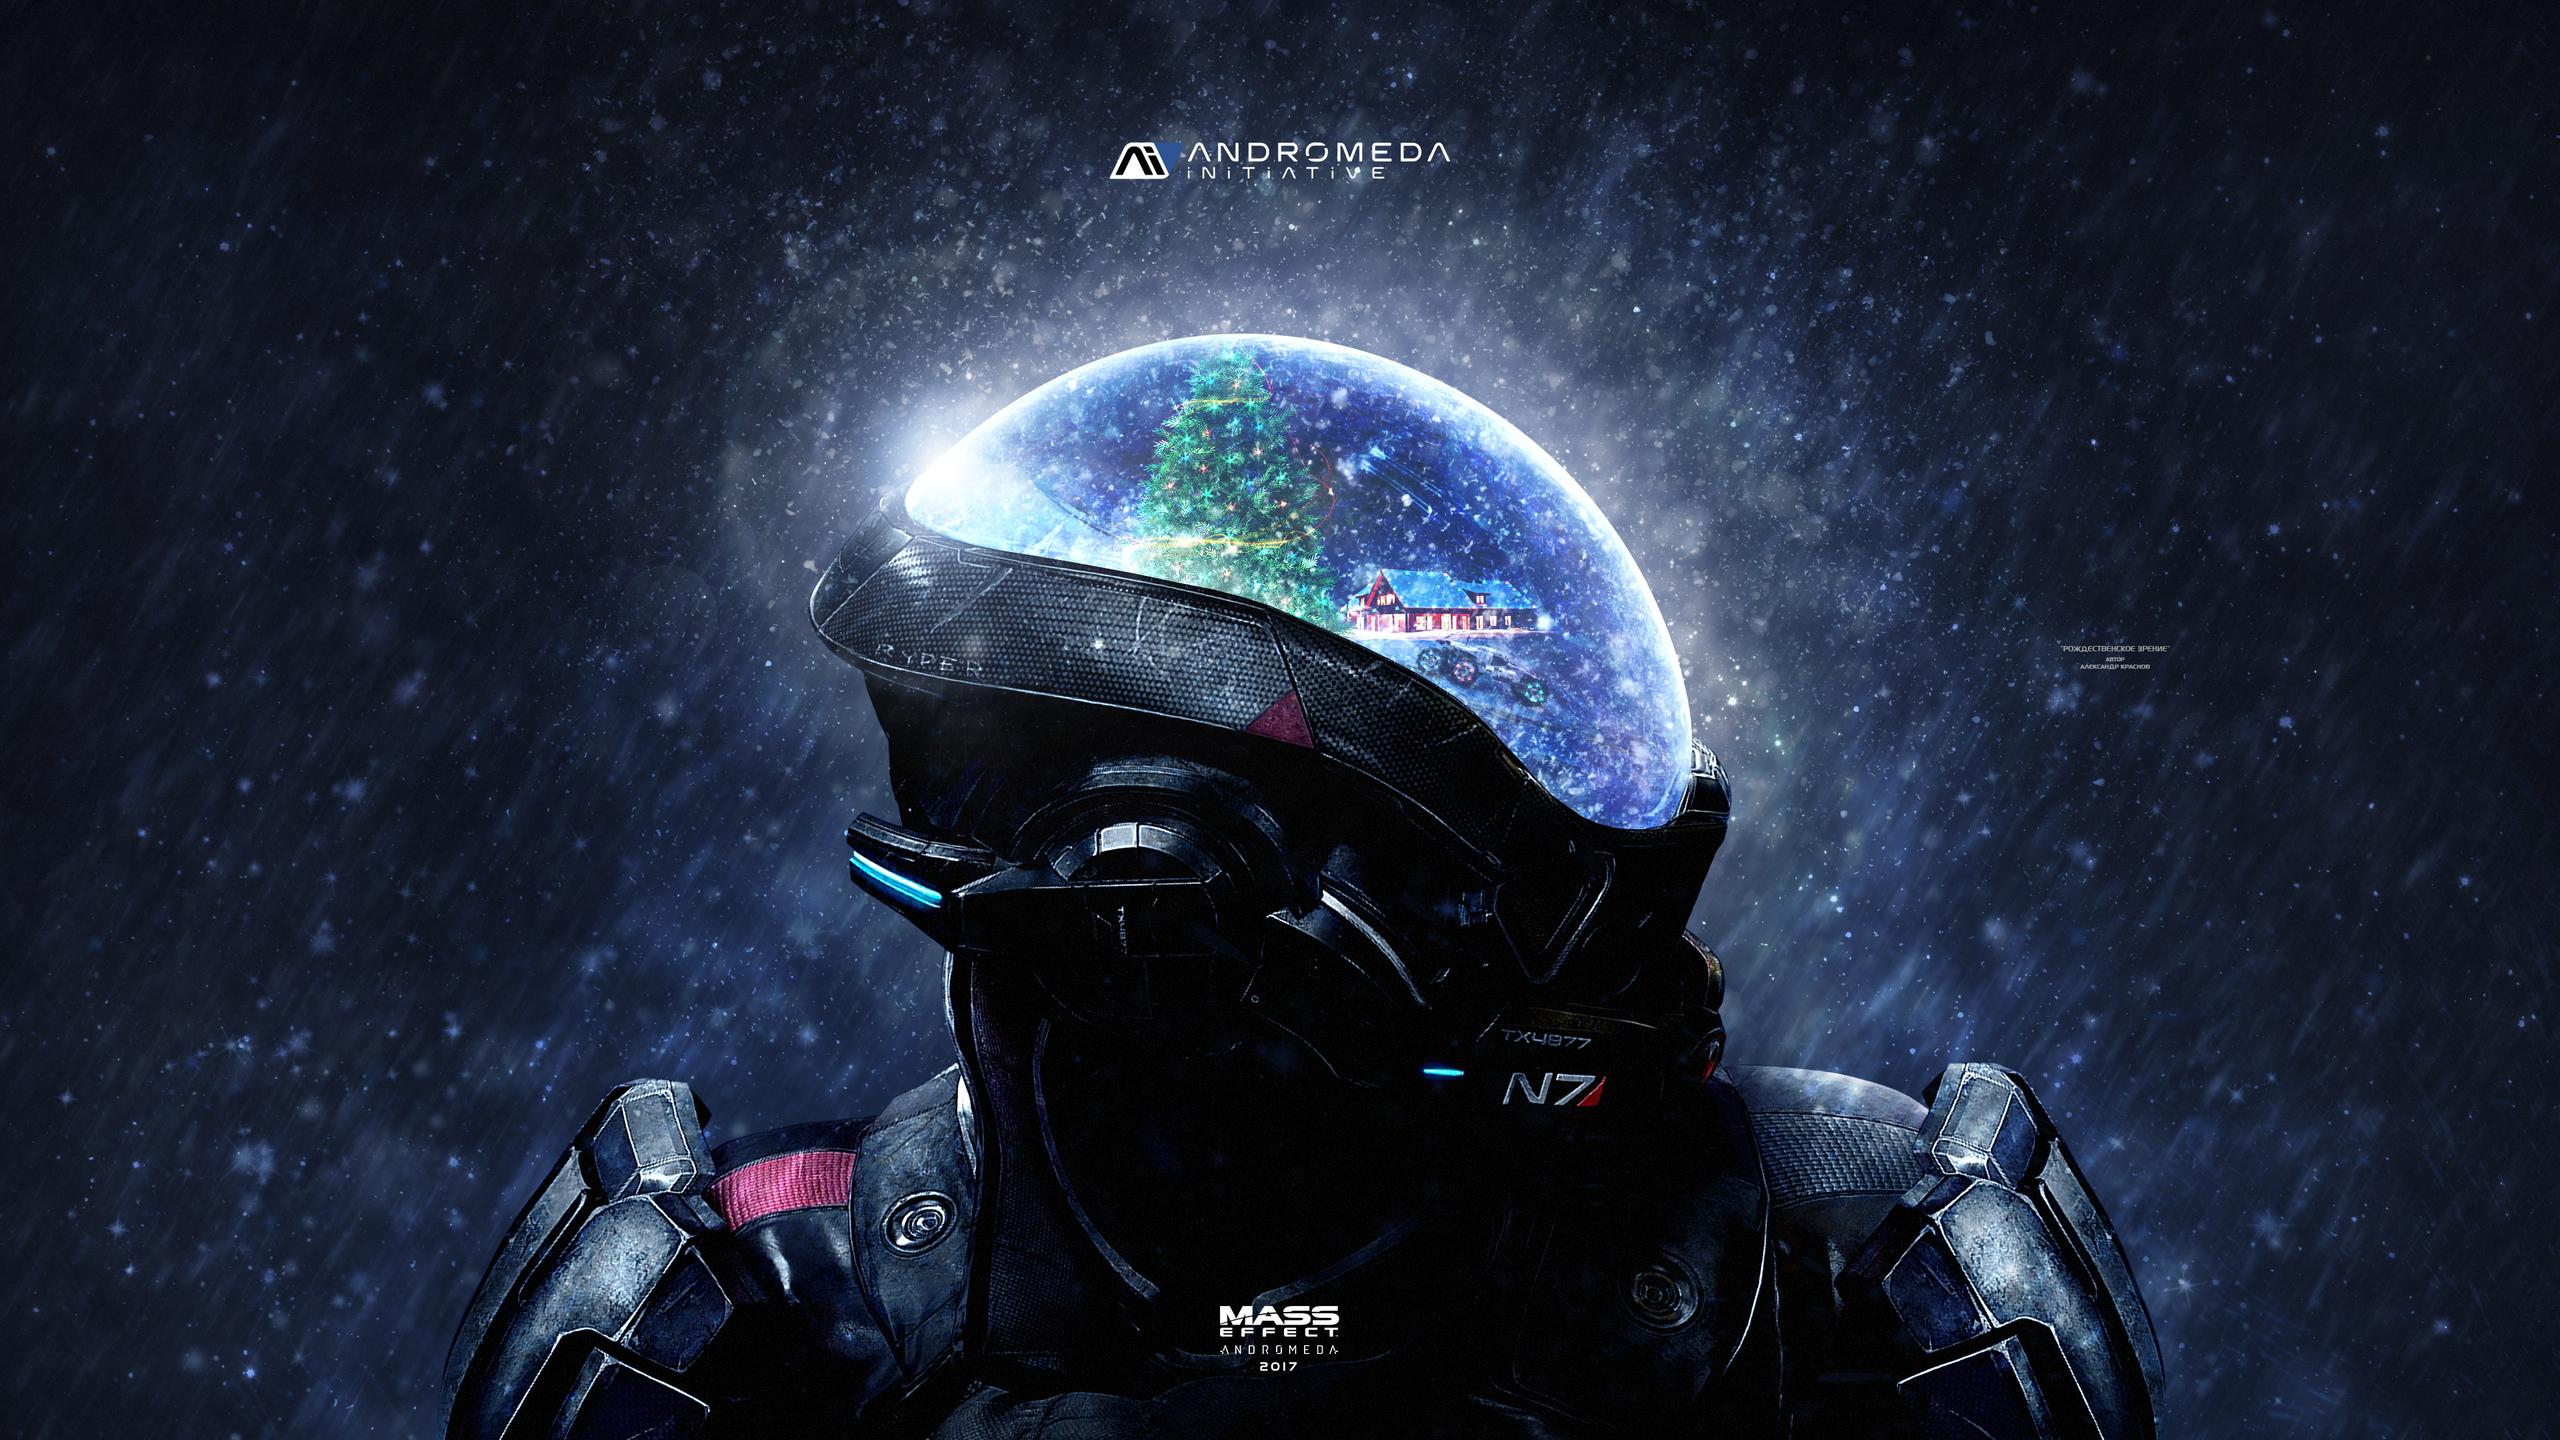 2560x1440 Mass Effect Andromeda Christmas 4k 1440p Resolution Hd